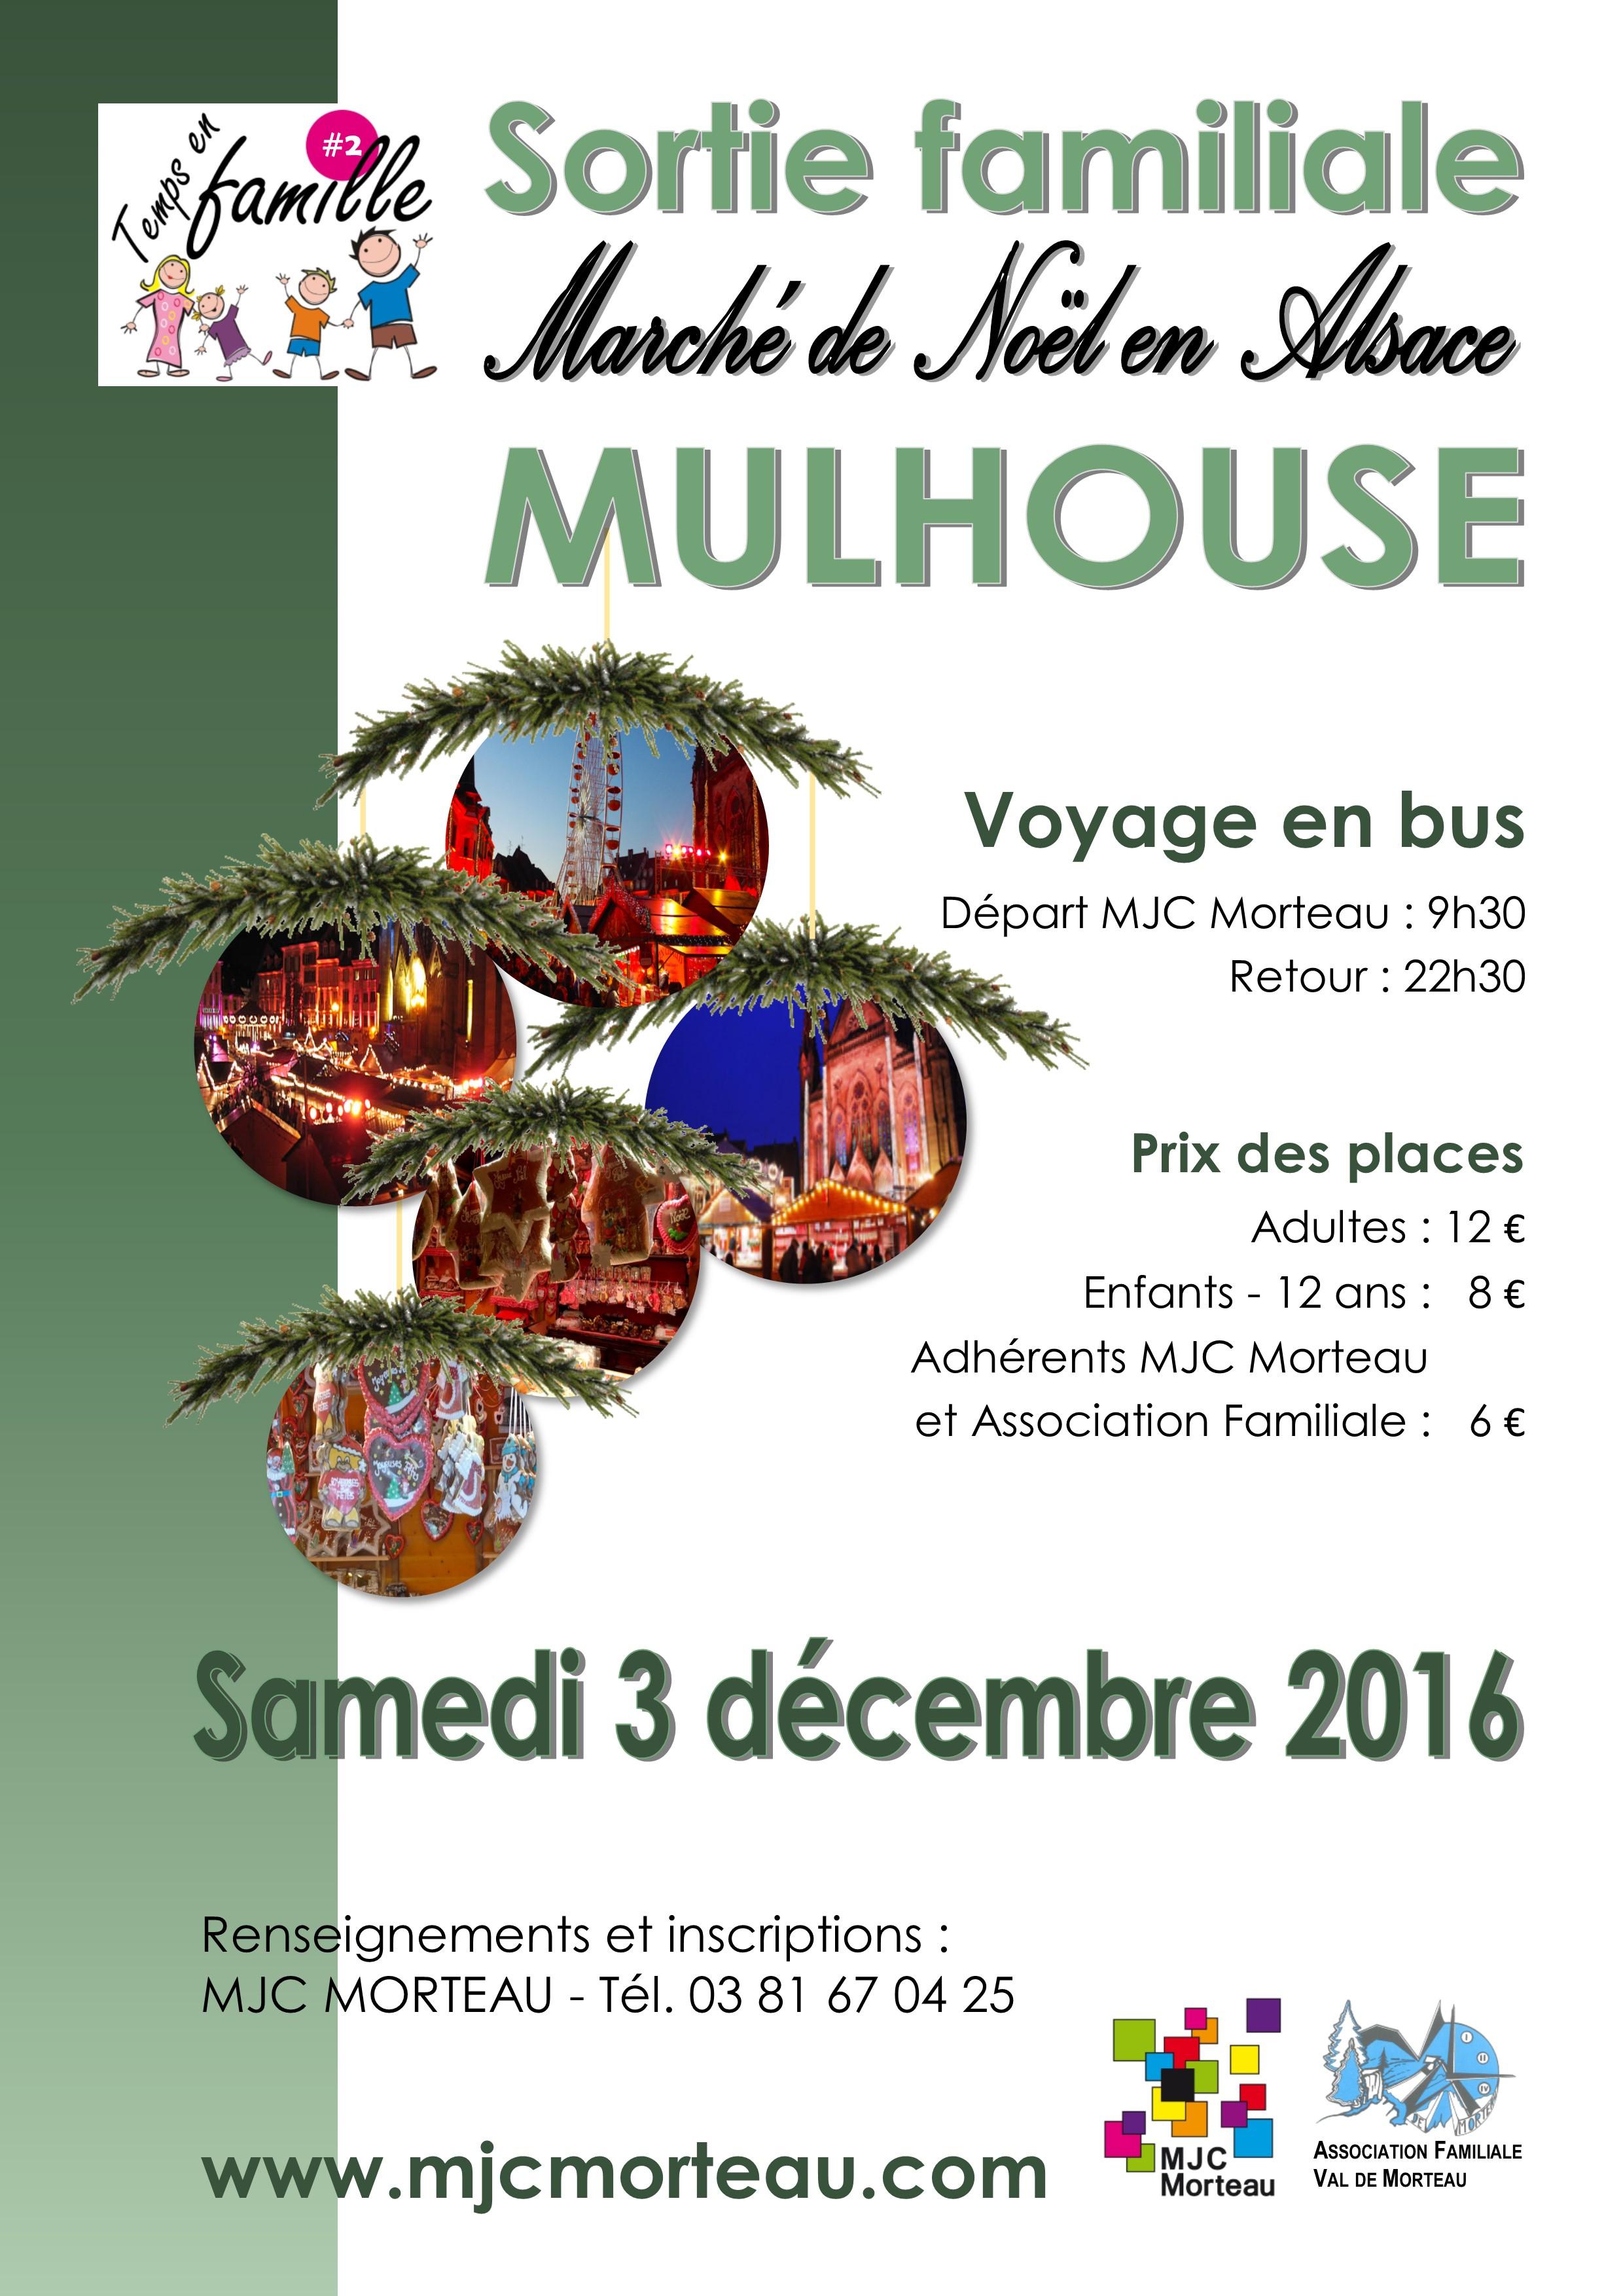 Sortie au march de no l de mulhouse mjc morteau - Marche de noel mulhouse 2016 ...